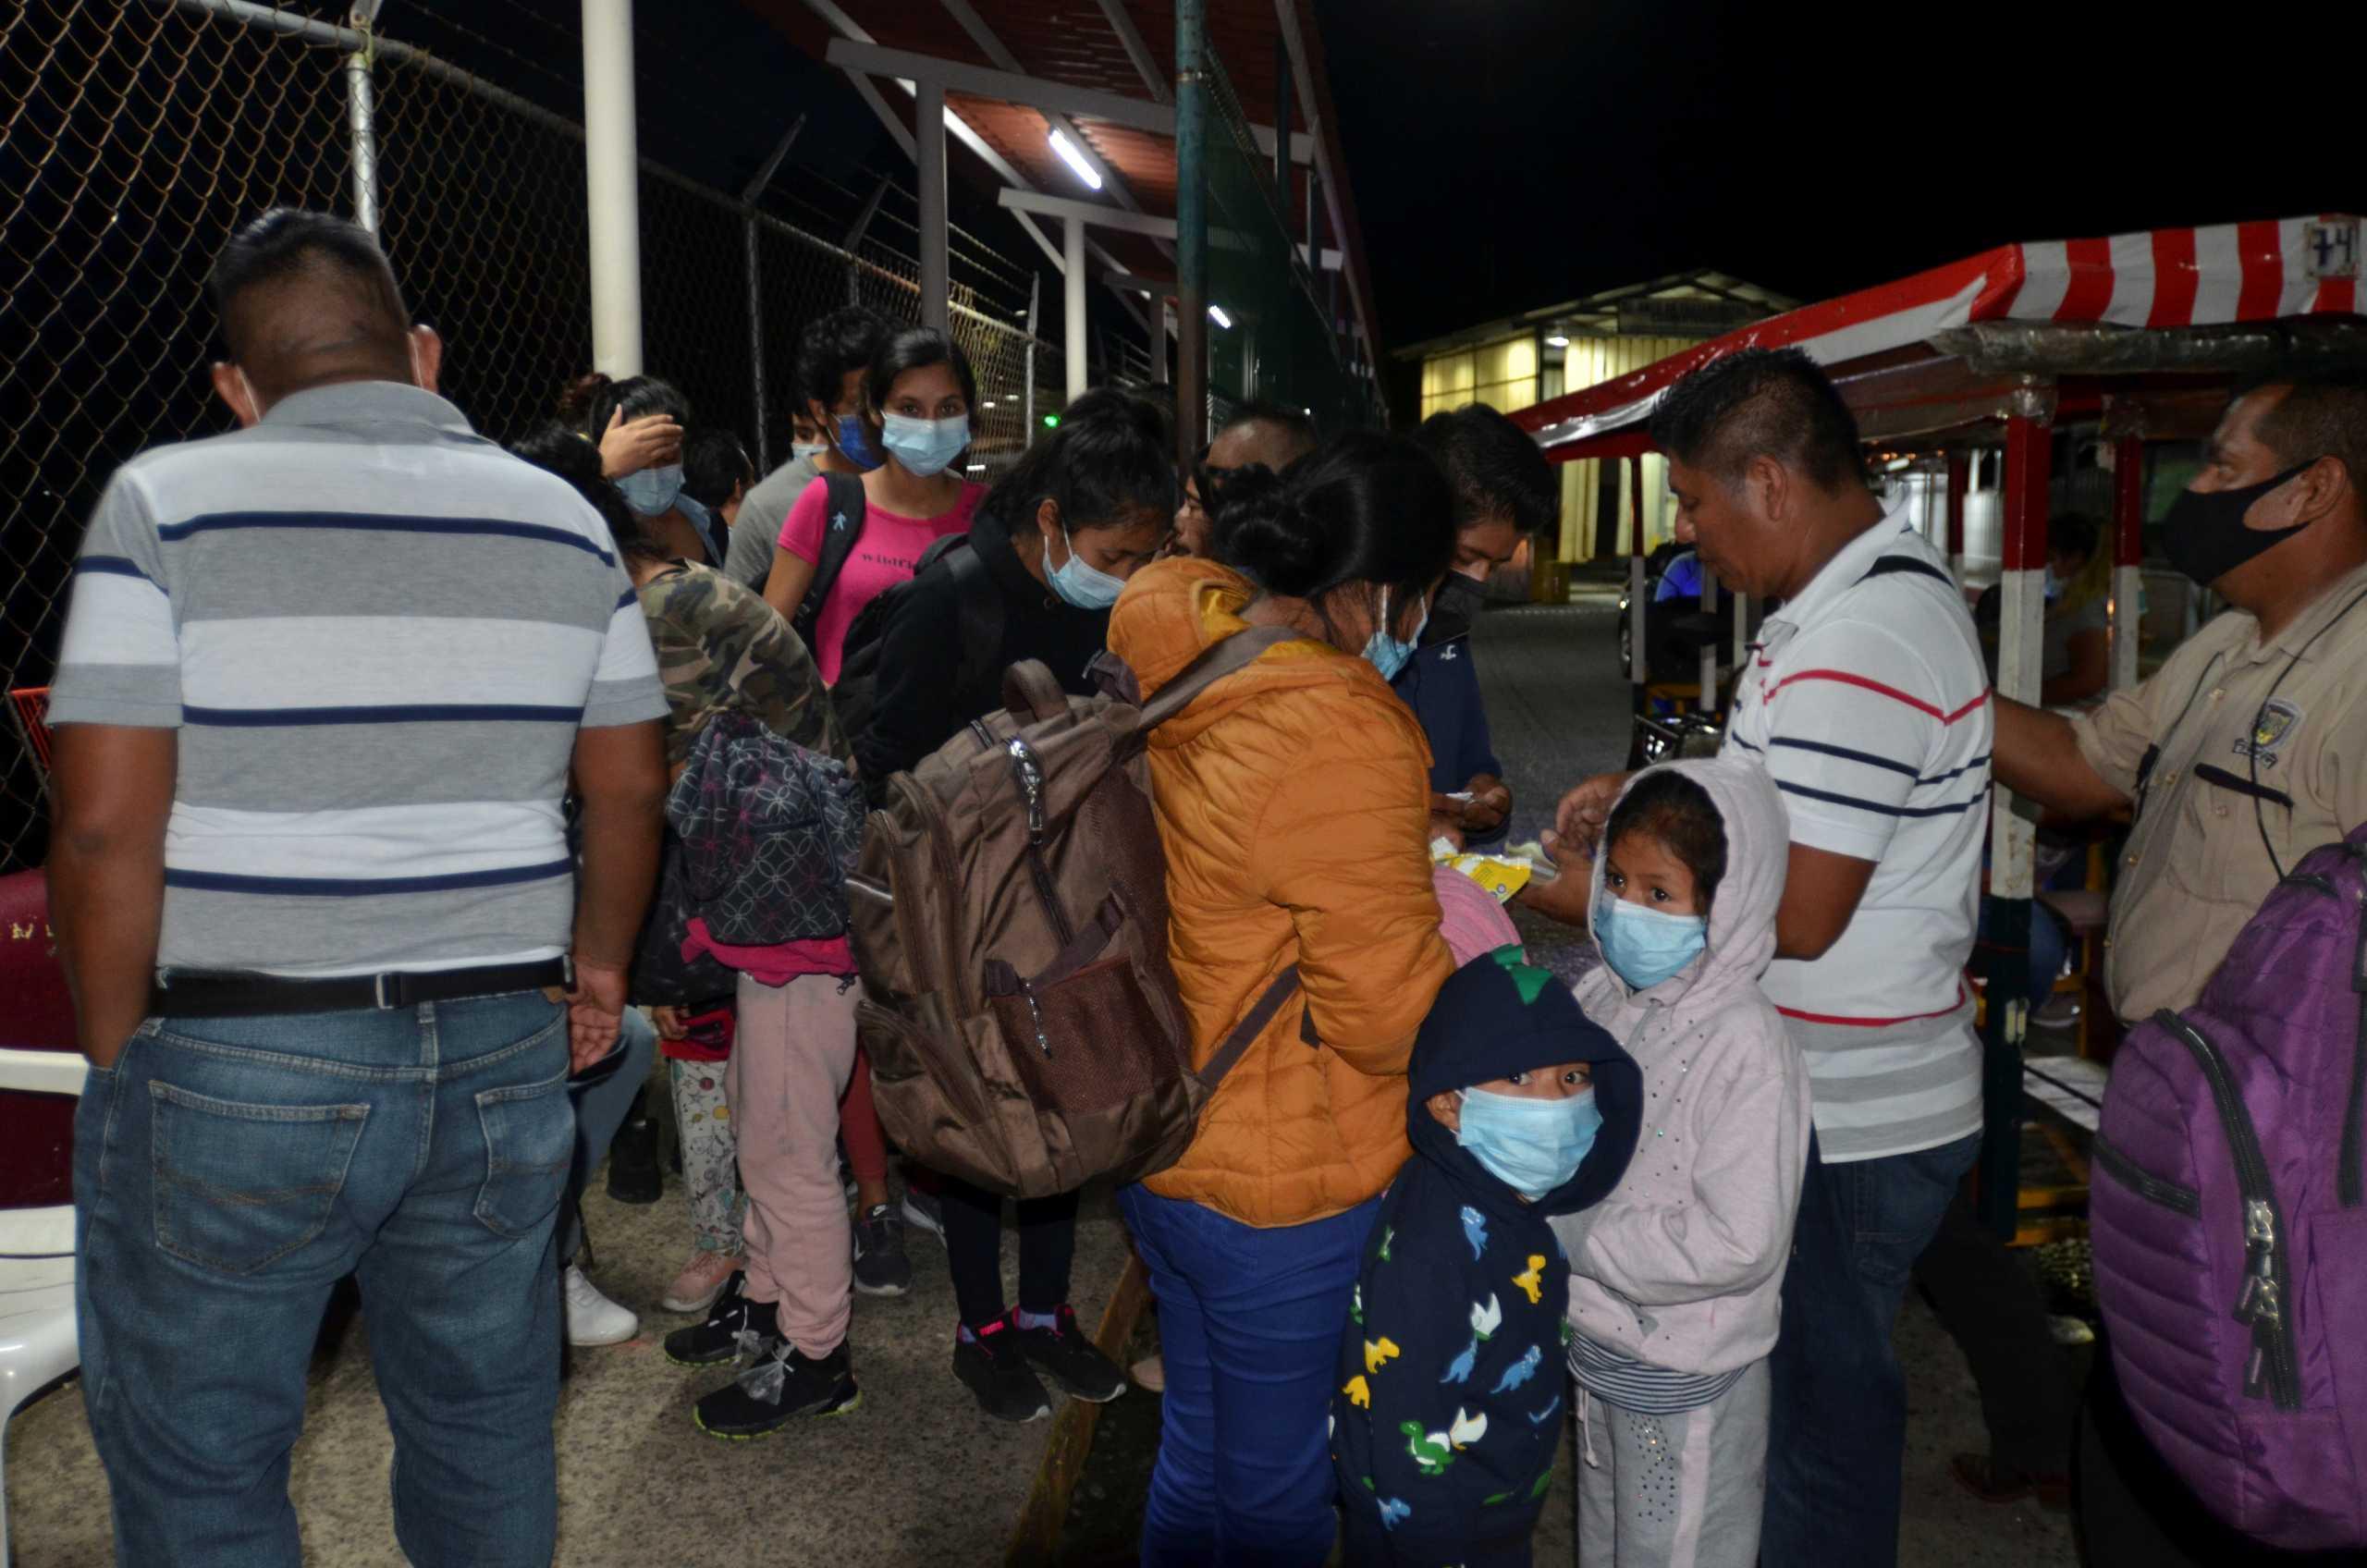 Πάνω από 200.000 μετανάστες συνελήφθησαν στα σύνορα ΗΠΑ-Μεξικού τον Ιούλιο